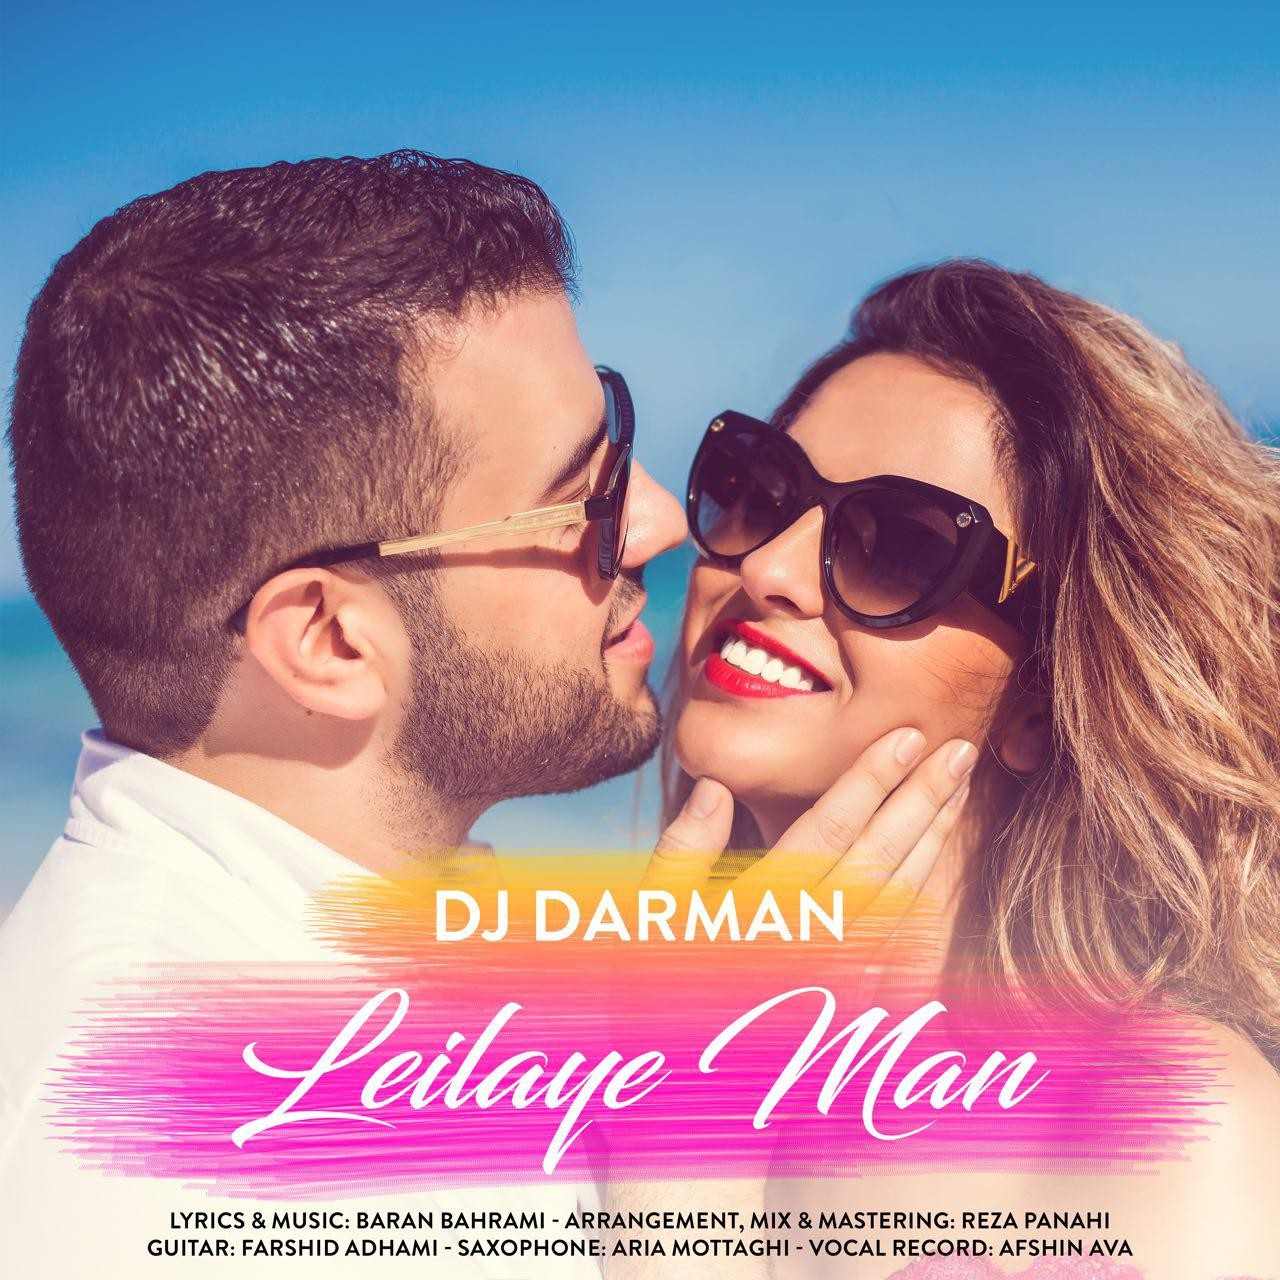 Dj Darman – Leilaye Man